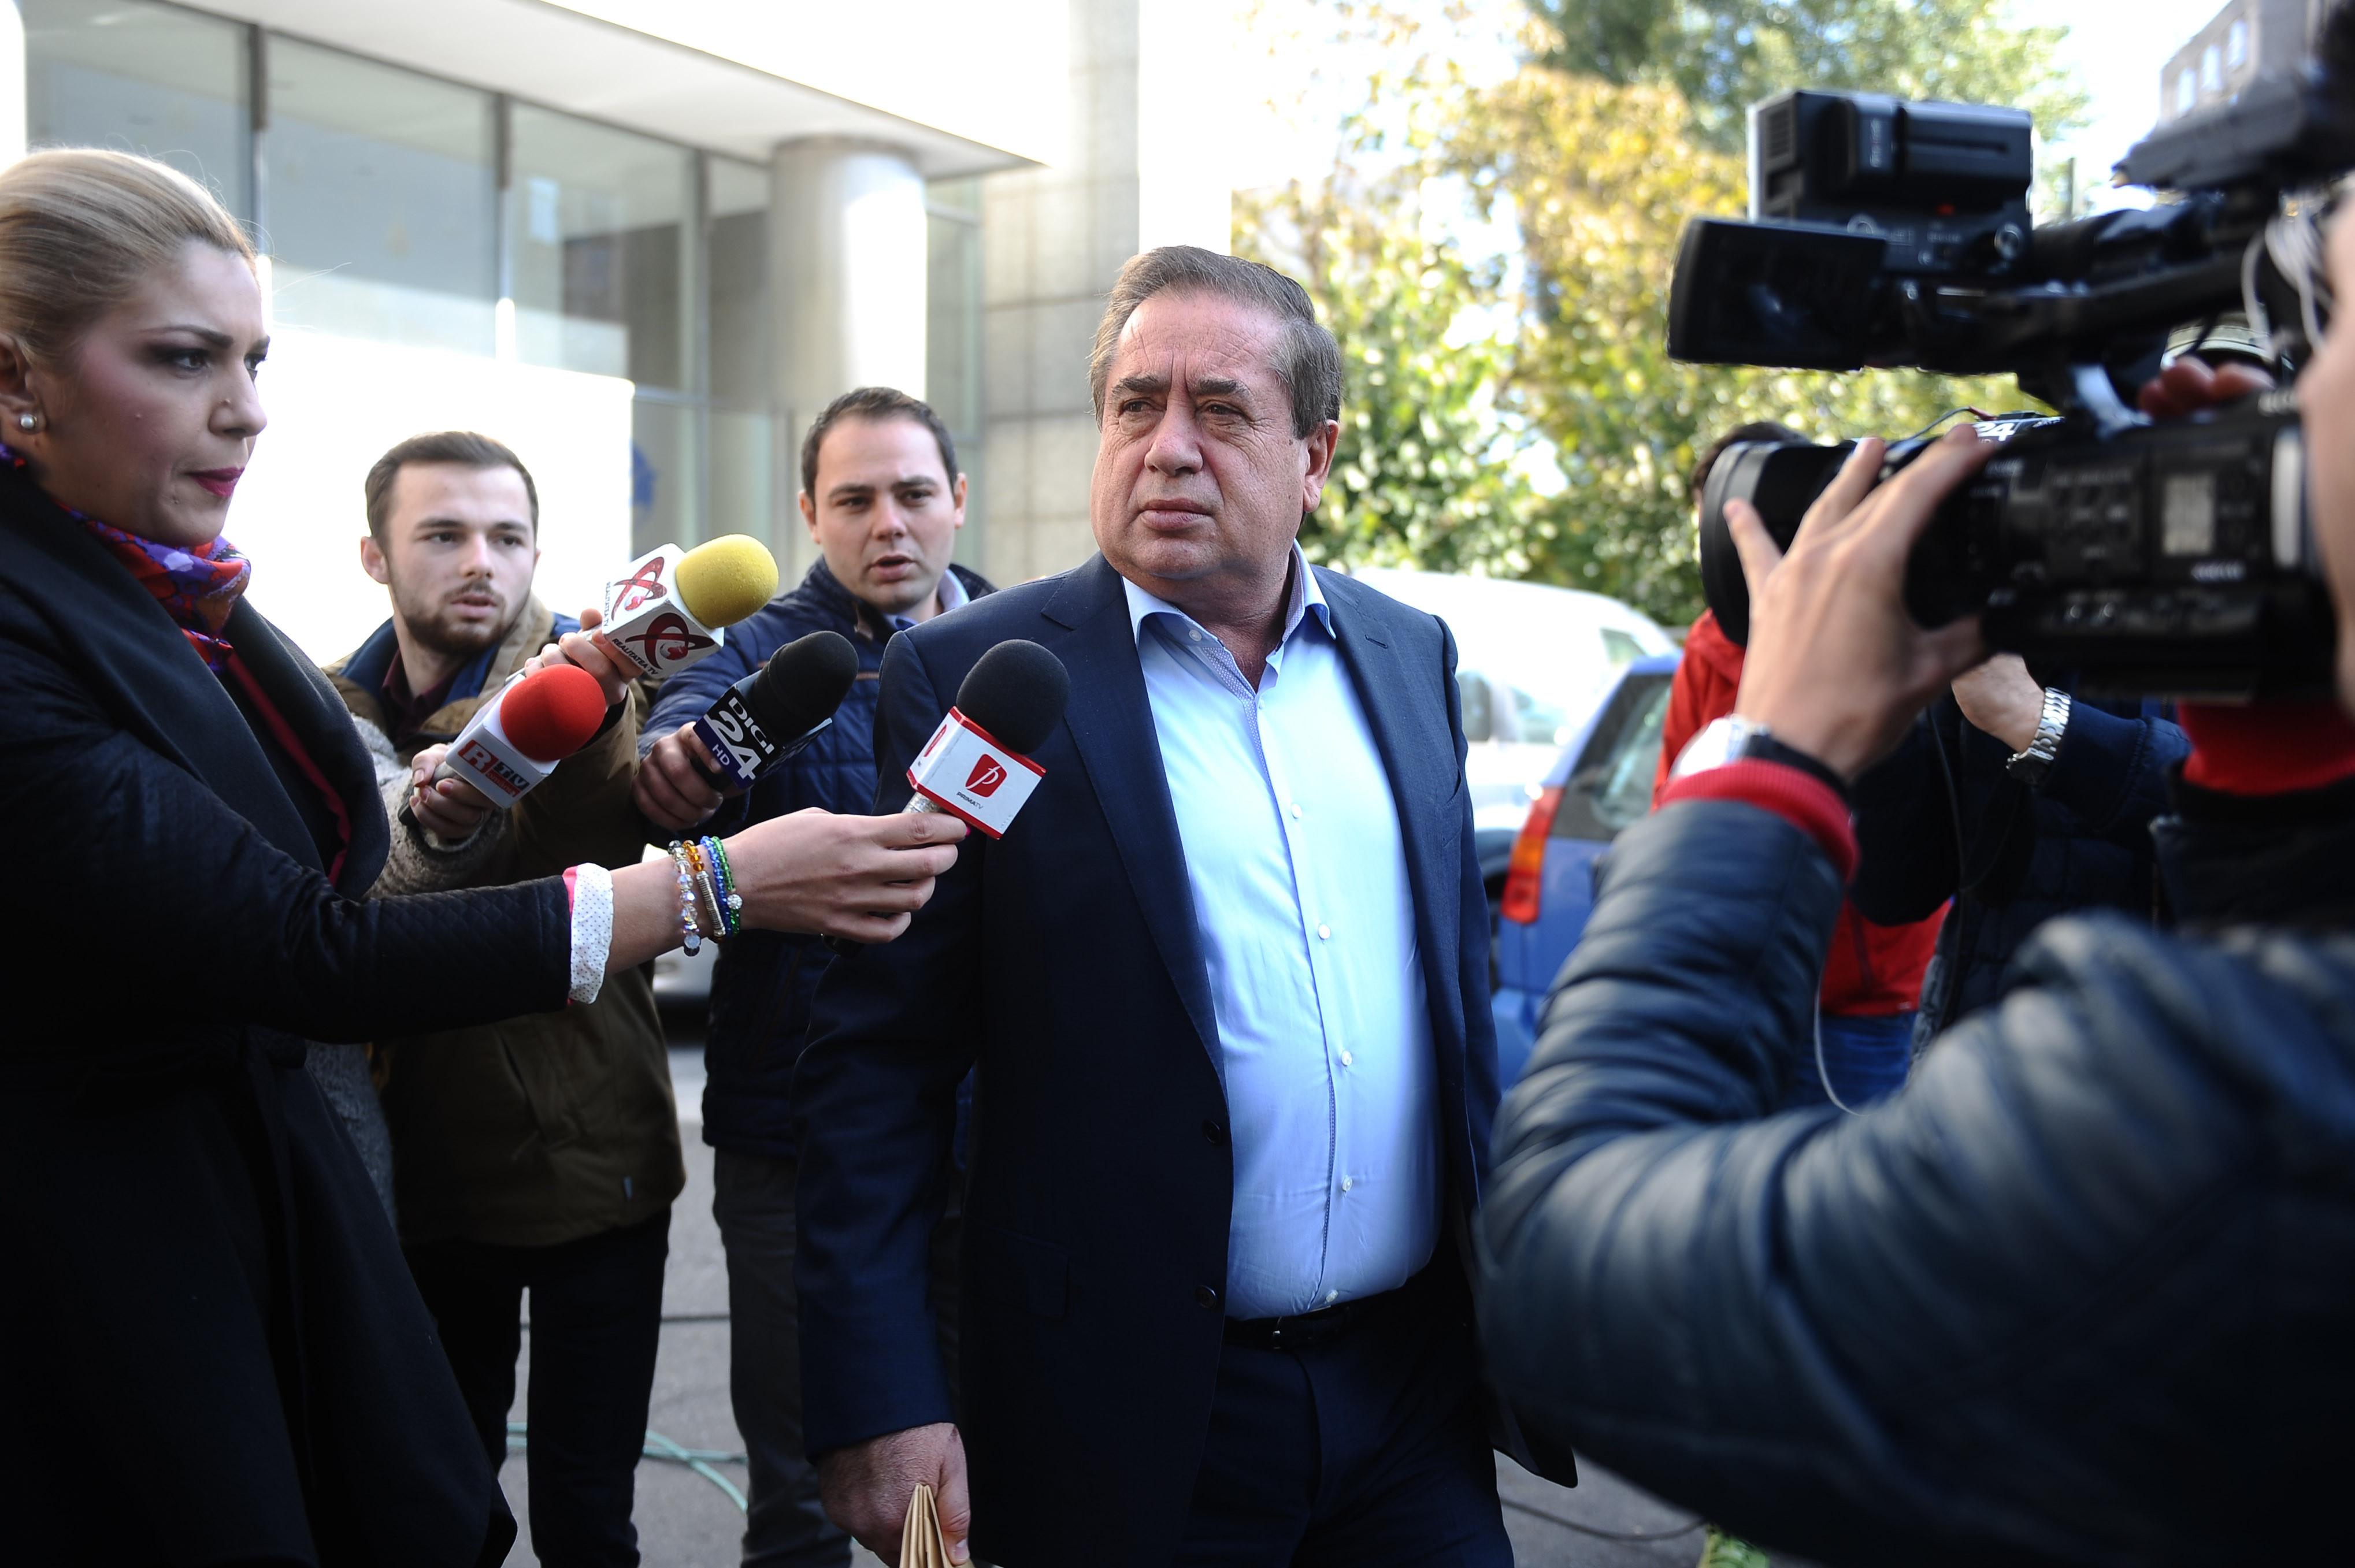 Omul de afaceri Ioan Niculae a fost condamnat la 5 ani de închisoare cu executare. Decizia este definitivă